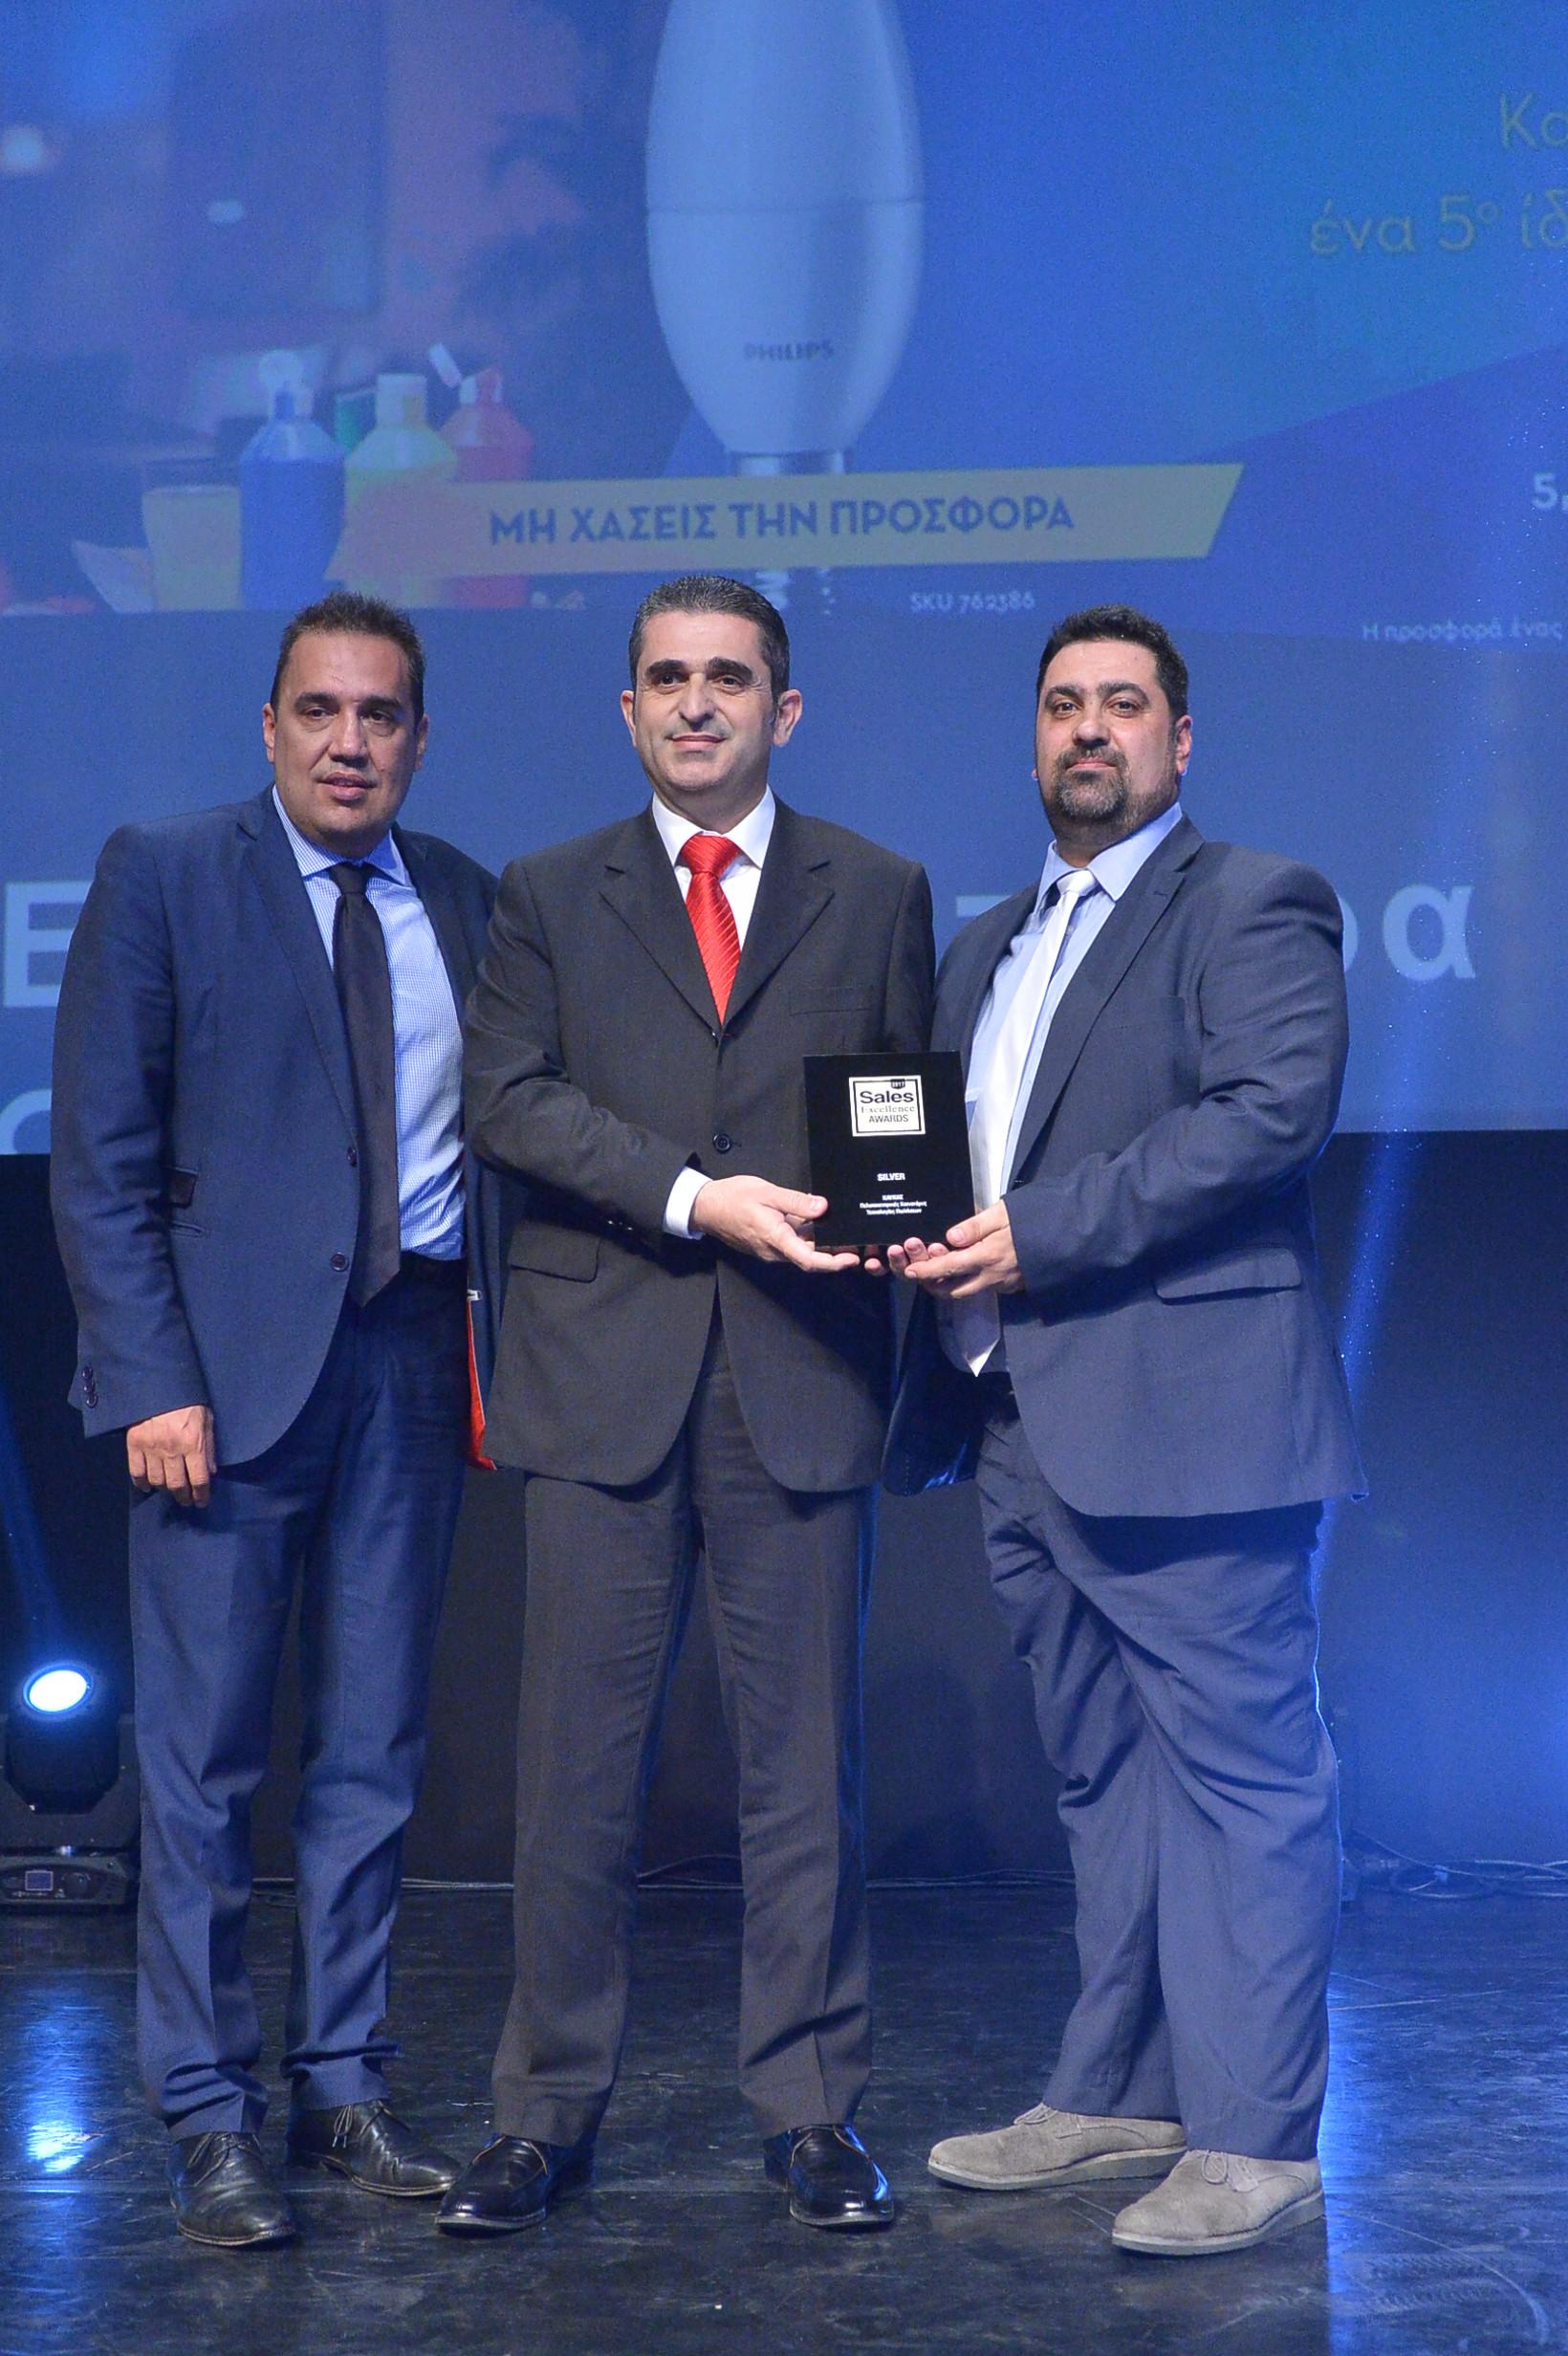 Η ΚΑΥΚΑΣ διακρίνεται για μία ακόμα φορά στα Sales Excellence Awards 2017